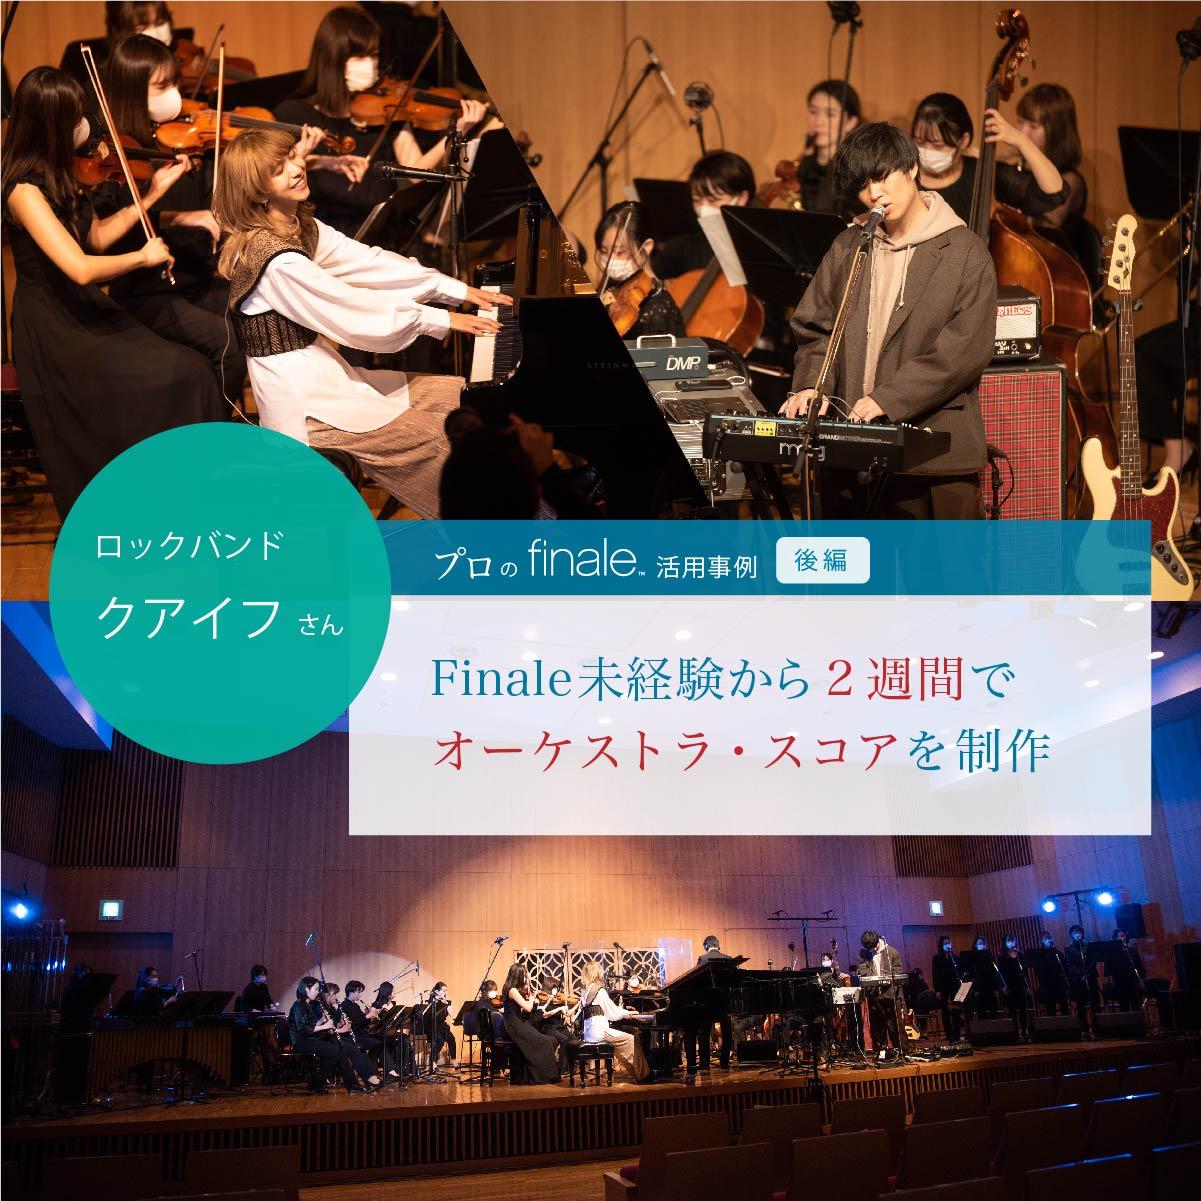 ロックバンド「クアイフ」、Finale未経験から2週間でオーケストラ共演用スコアを制作(後編)